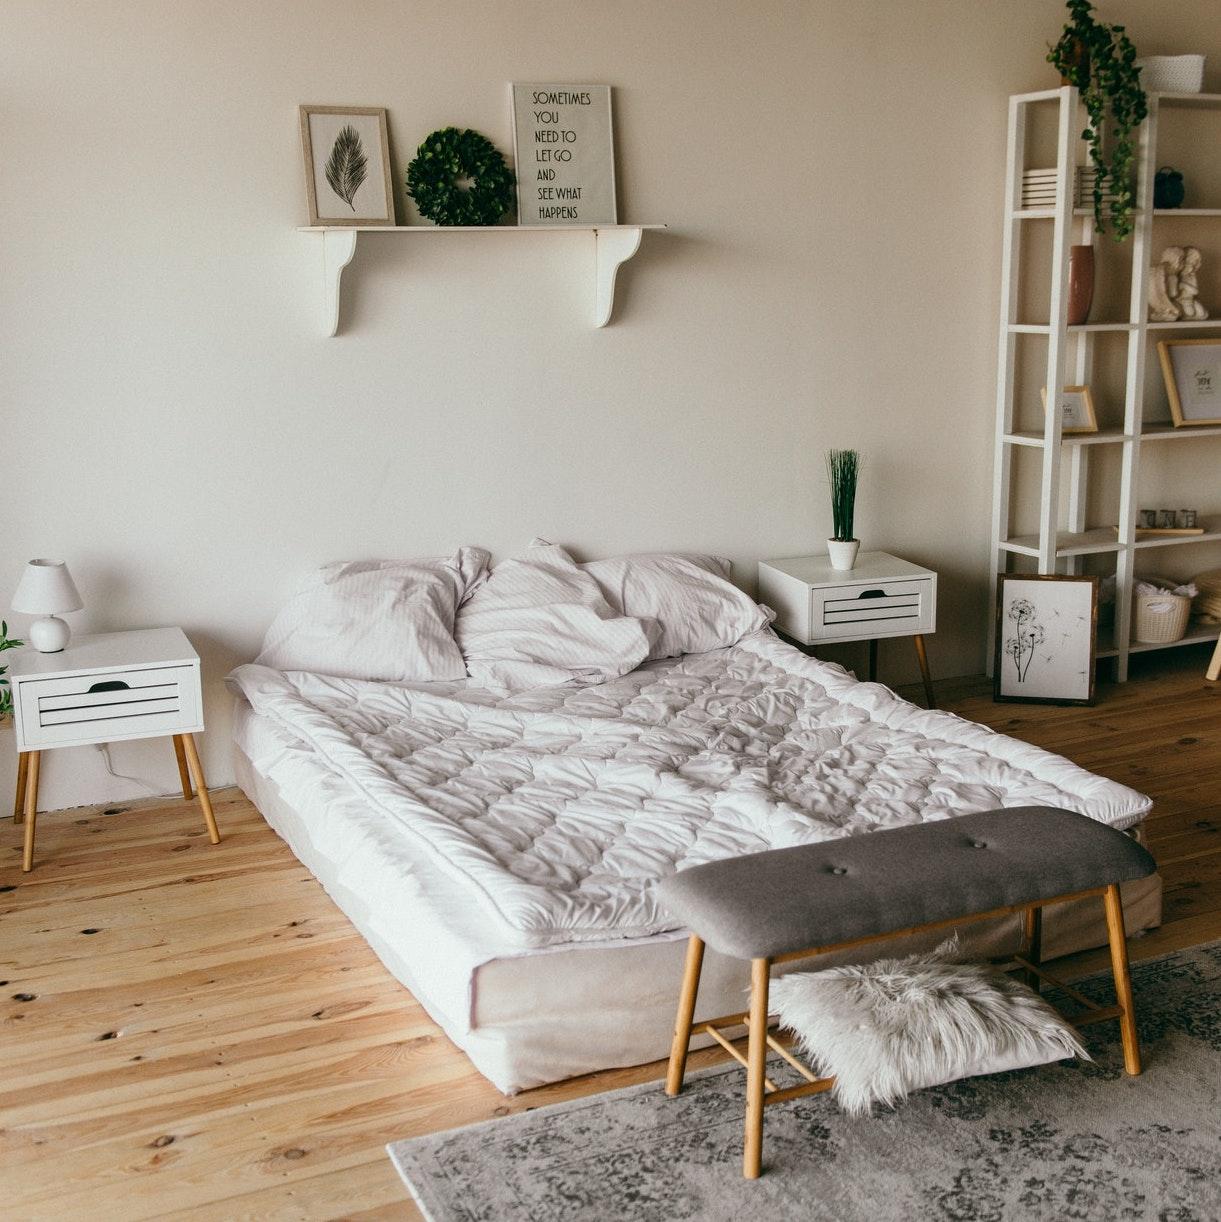 Bett mit weißem Bezug auf hellem Parkett